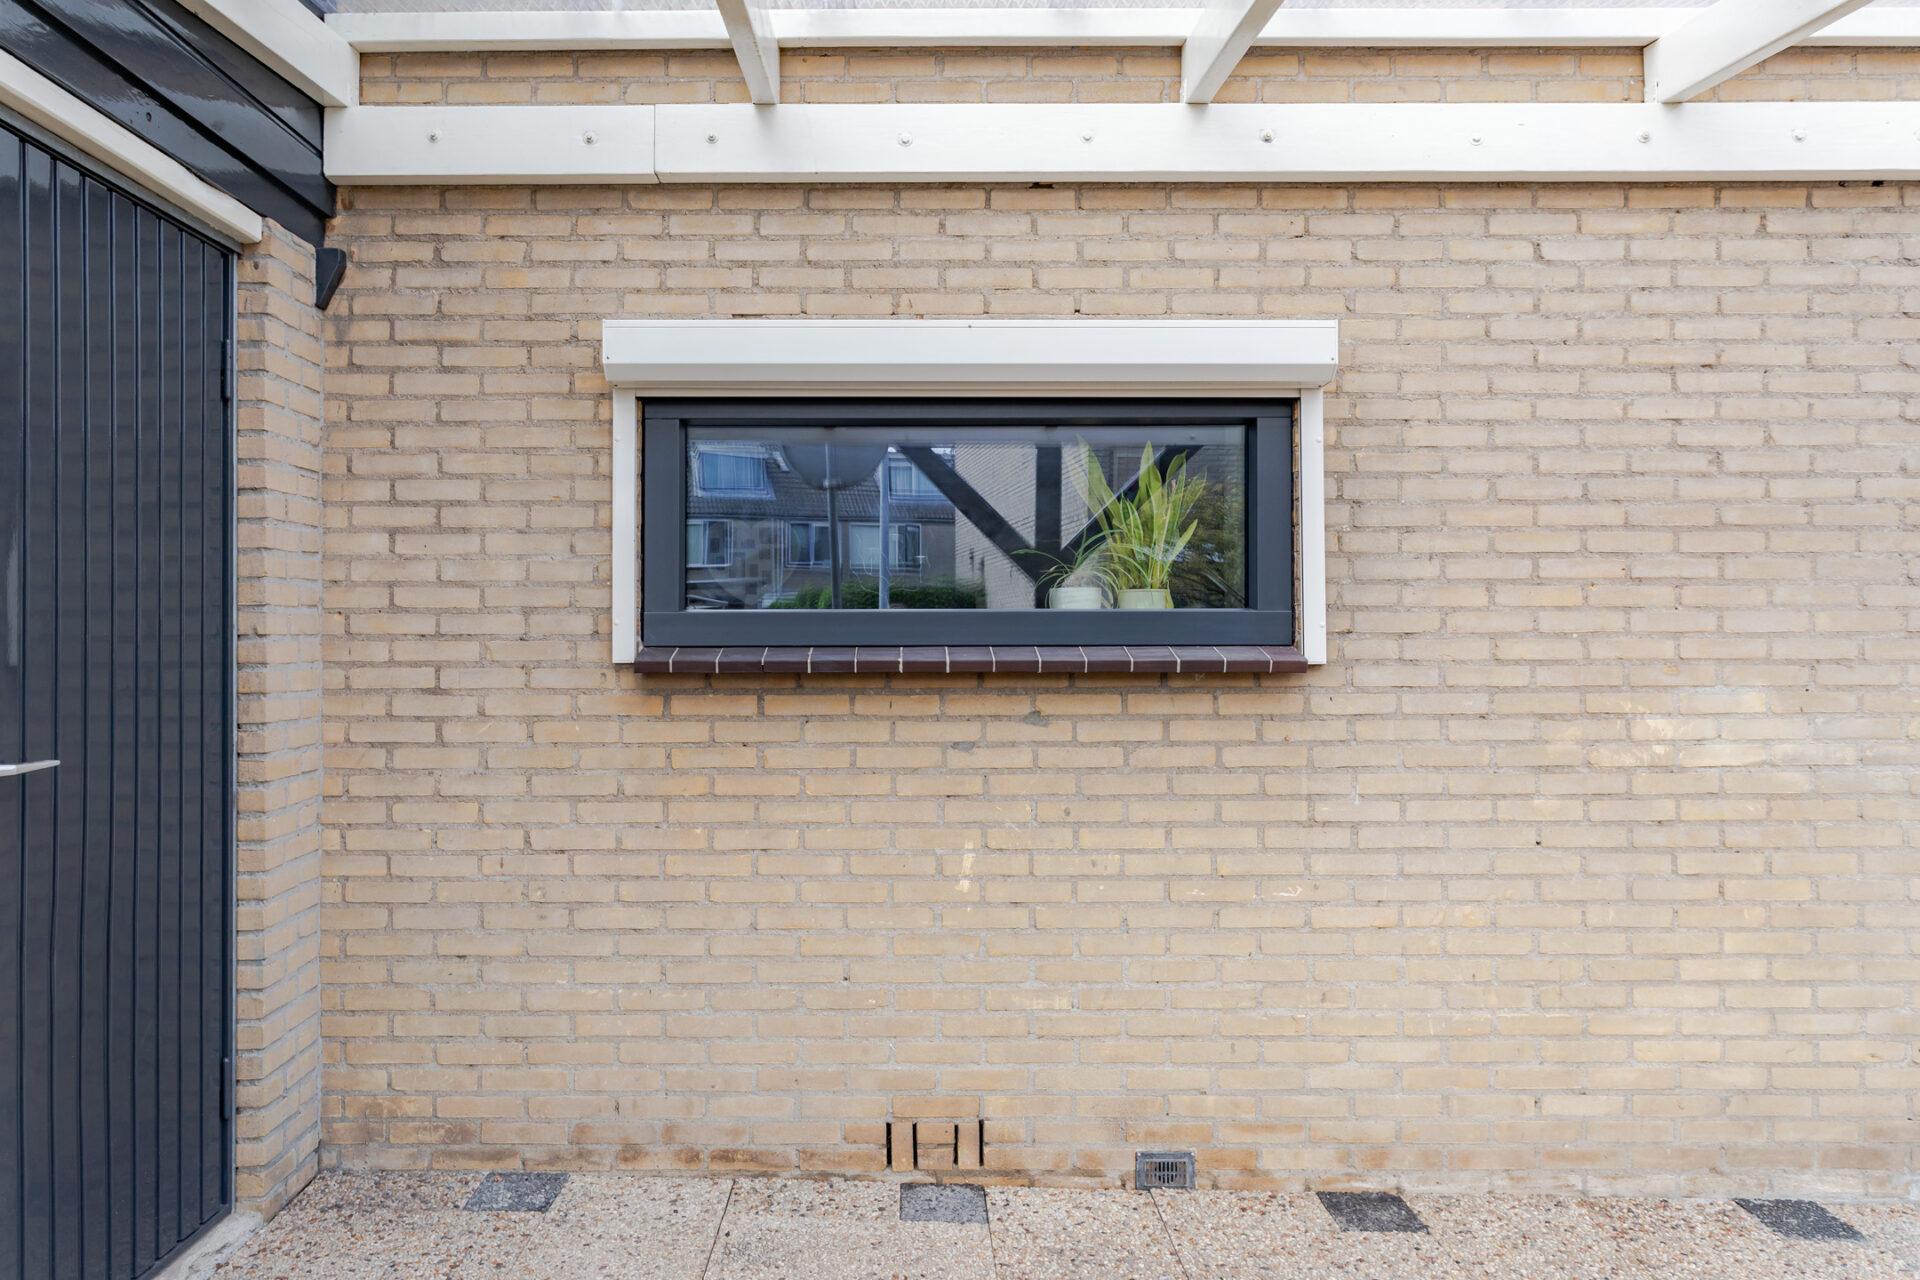 Select Windows kozijnen - Woningrenovatie met kunststof kozijnen in Elst - zijraam buitenzijde - Hollands Blok